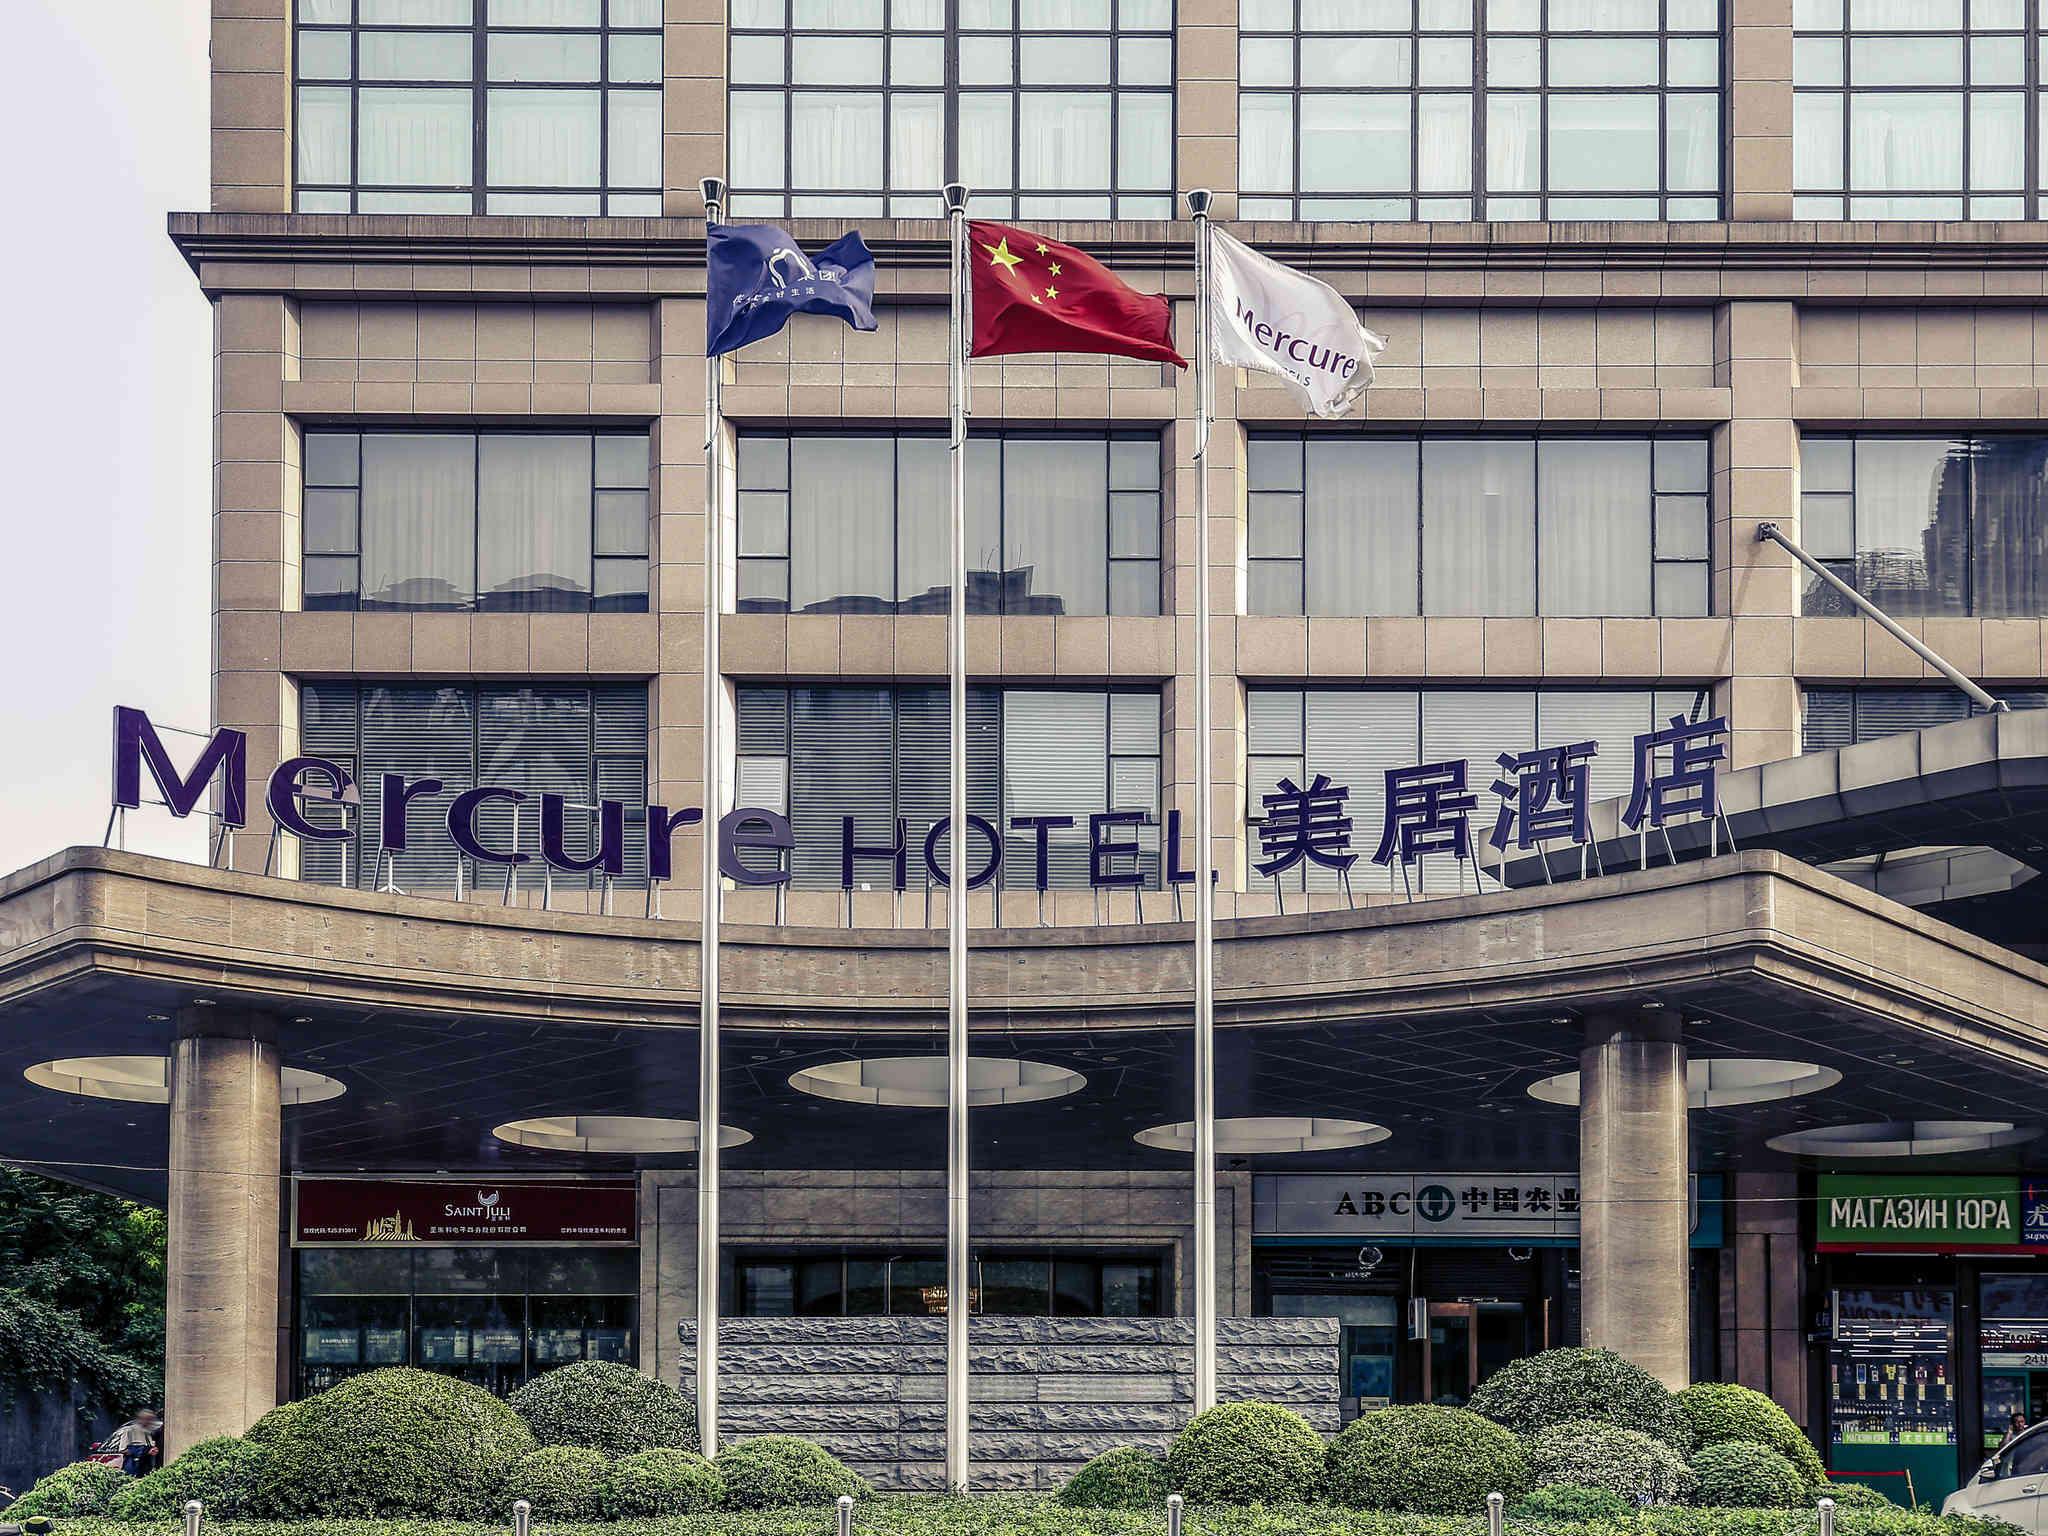 โรงแรม – ย่านธุรกิจ เมอร์เคียว ปักกิ่ง (เปิดบริการเดือนกันยายน 2018)